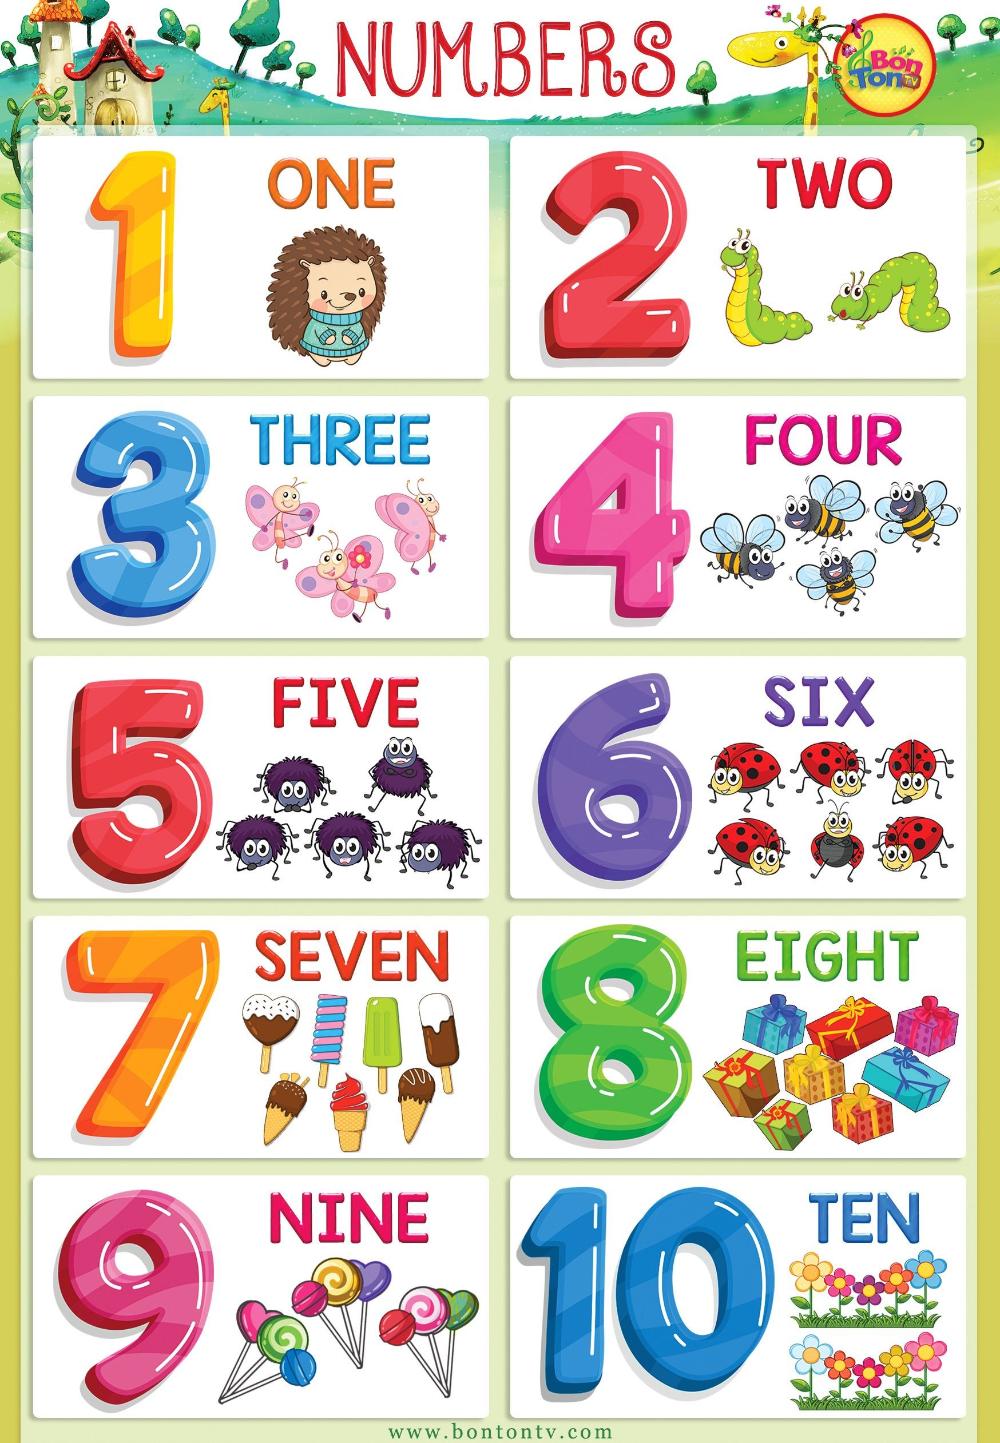 4 Worksheet Free Preschool Kindergarten Worksheets Numbers Printing Numbers E Learning Numbers Preschool Kids Worksheets Preschool Numbers Preschool Printables